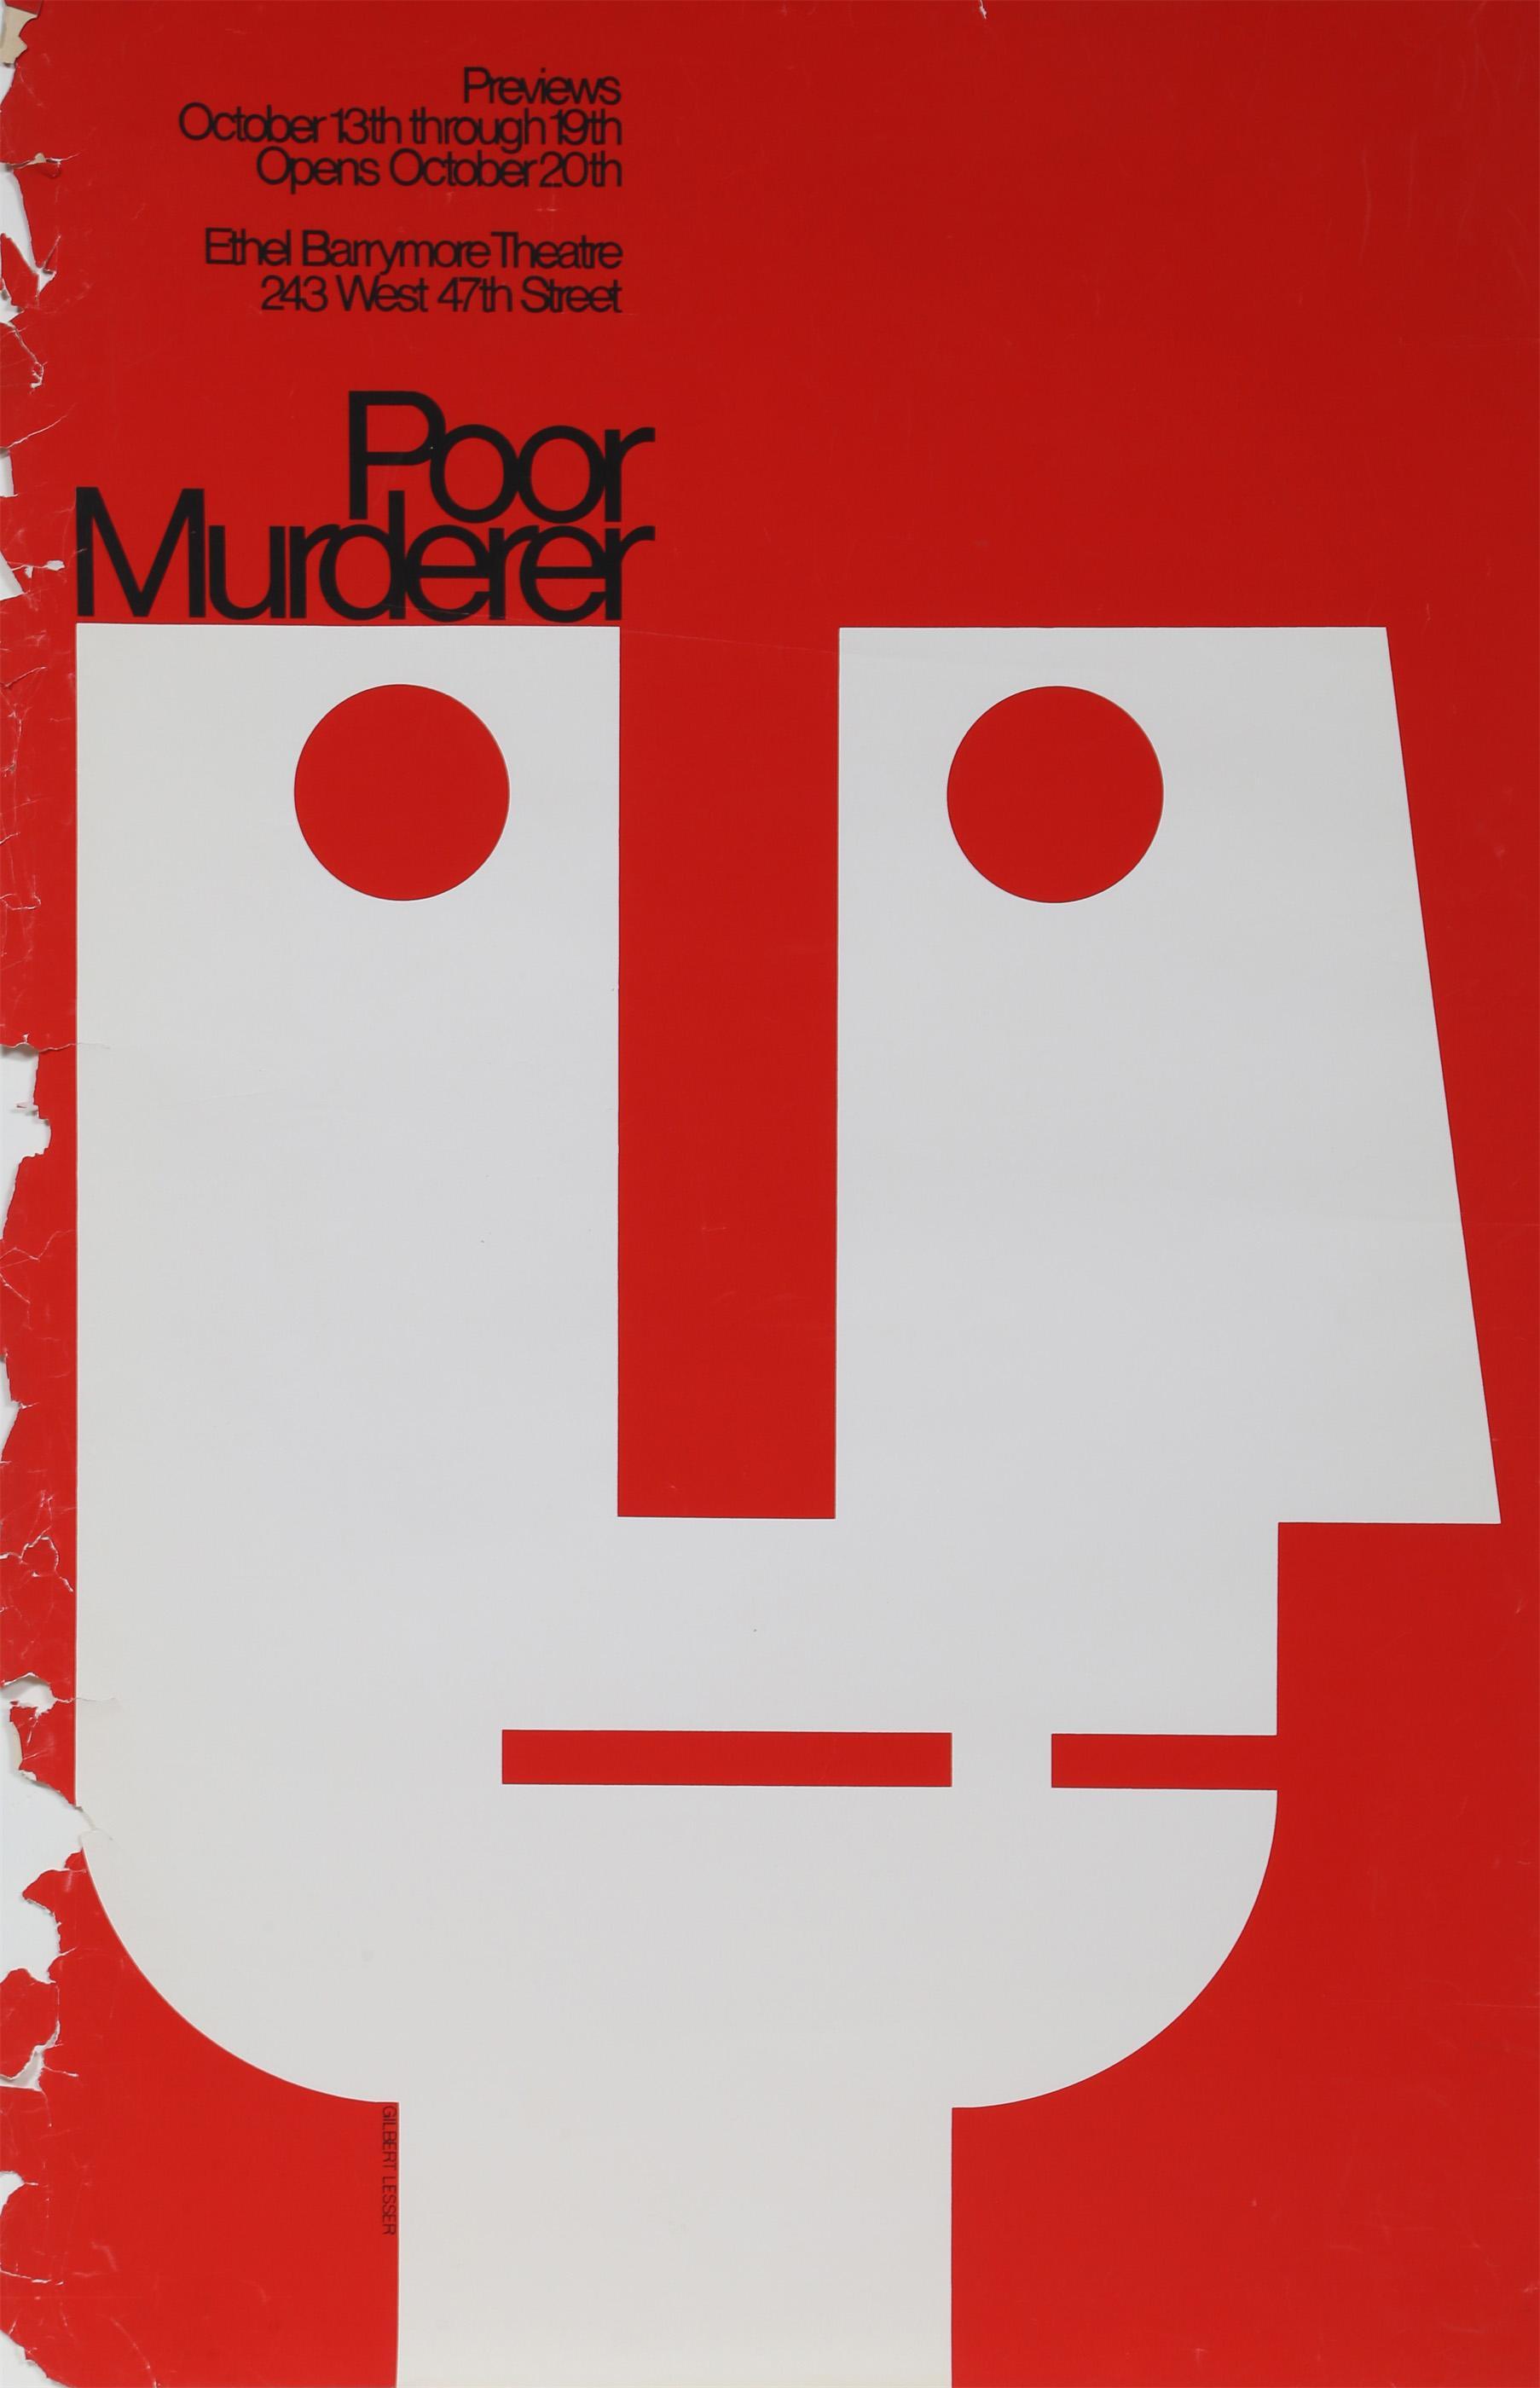 Gilbert Lesser, Poor Murderer, Poster